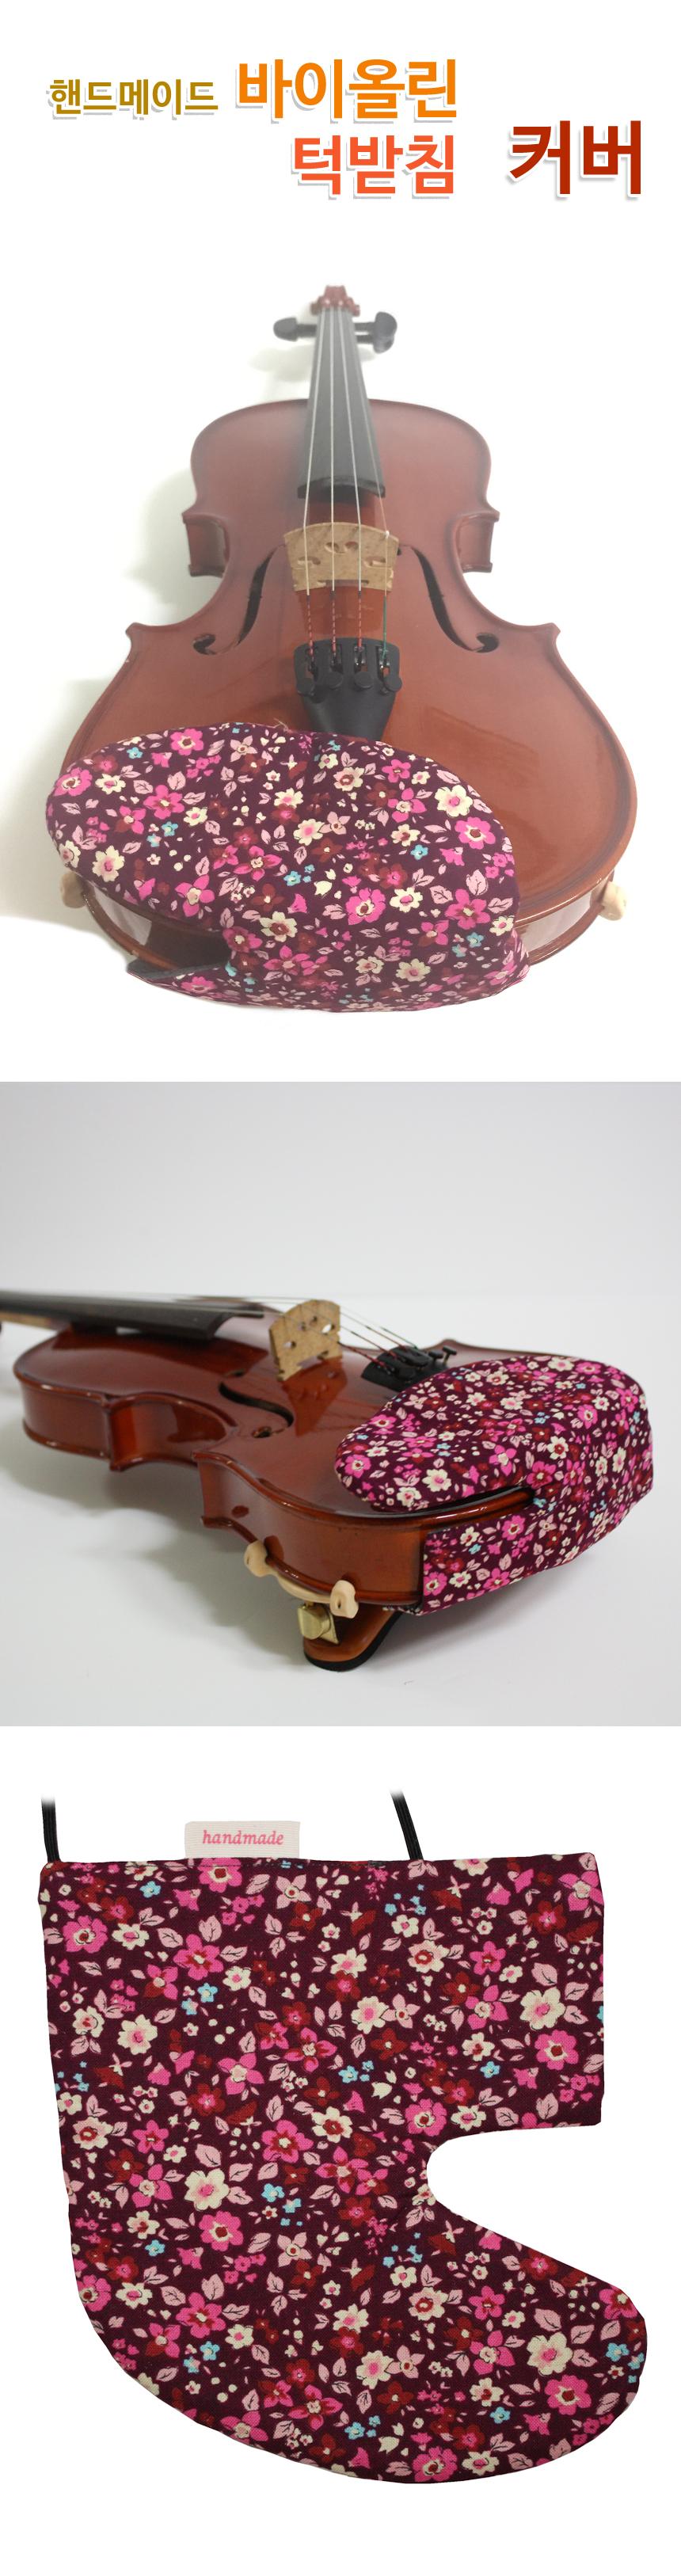 핸드메이드 바이올린 턱받침 커버 - 헤이즐빌리지, 12,000원, 현악기, 바이올린/비올라